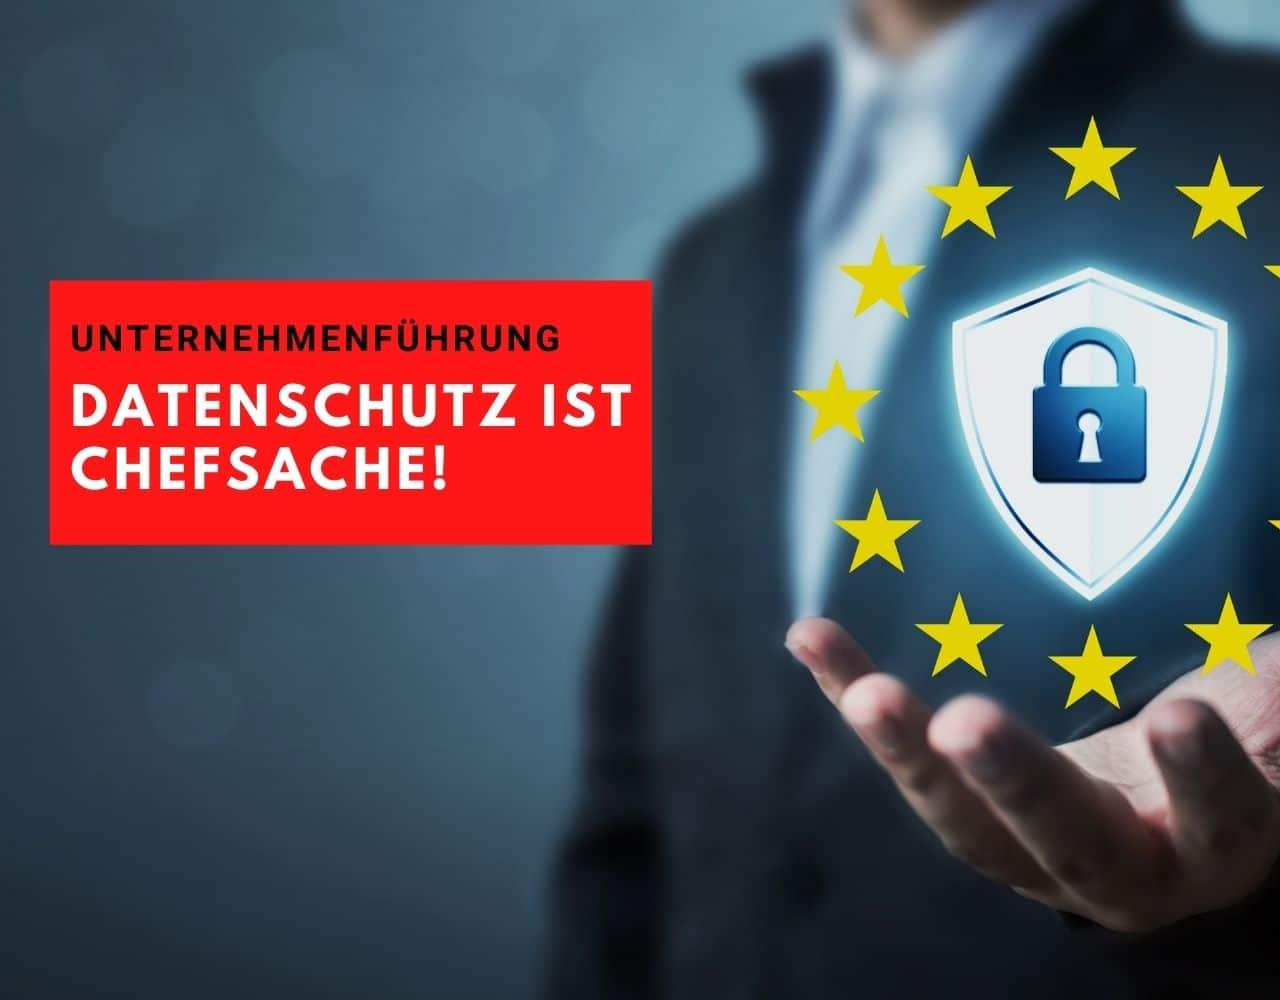 Datenschutz ist Chefsache!